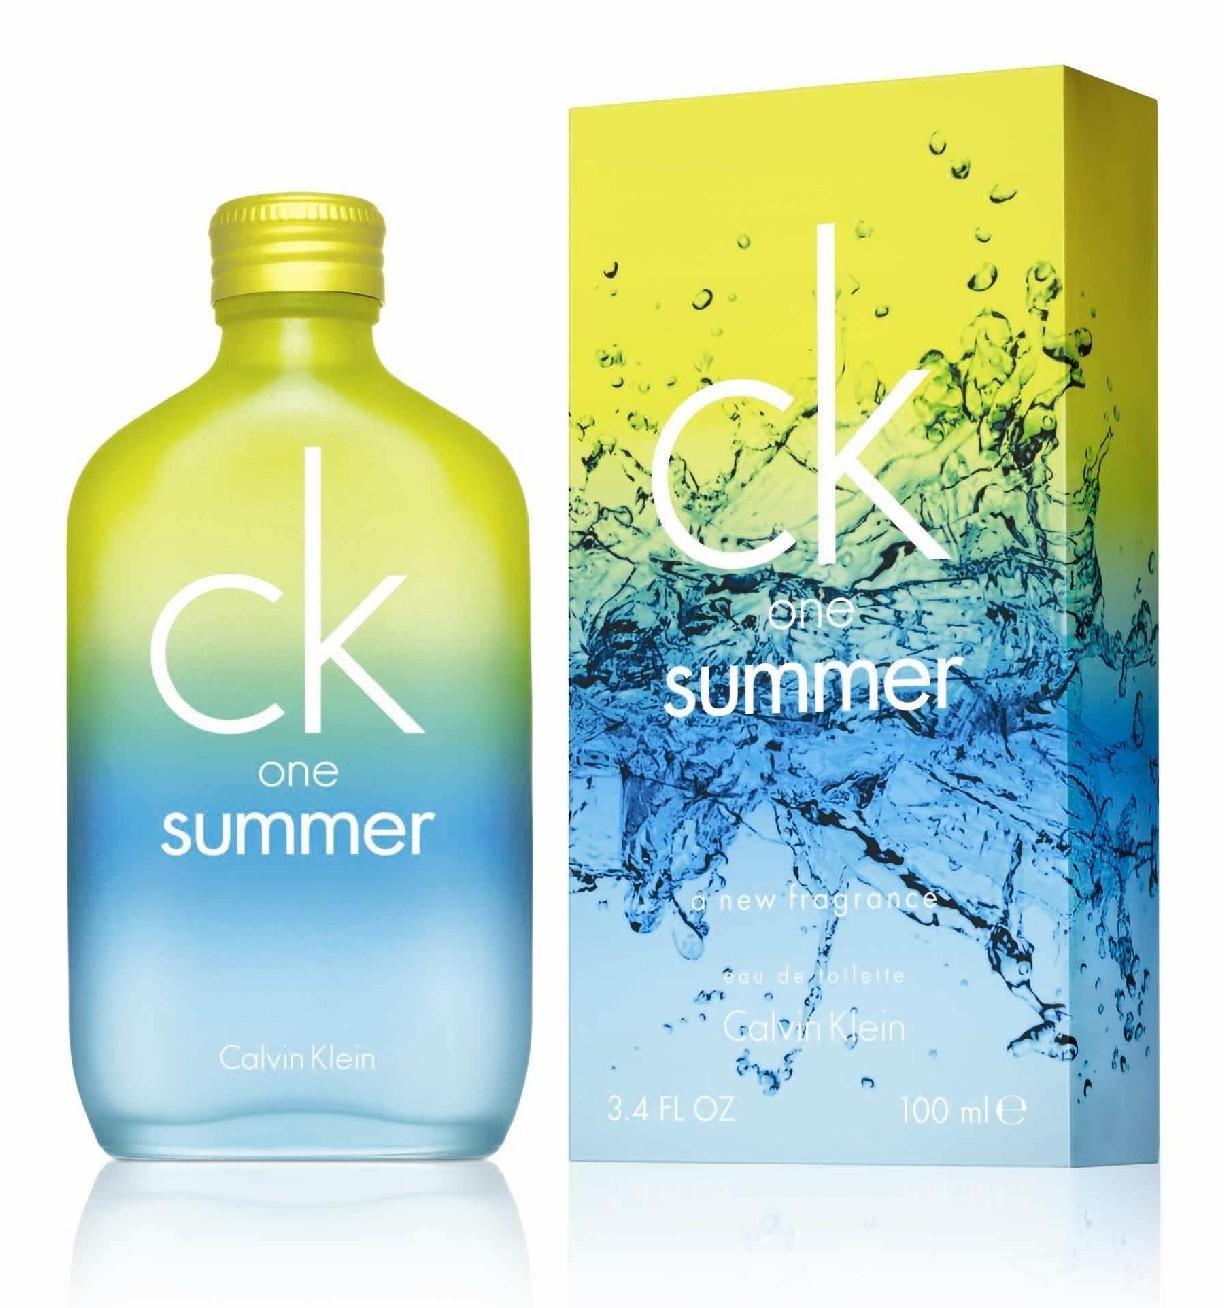 Calvin Klein CK One Summer 2009 аромат для мужчин и женщин